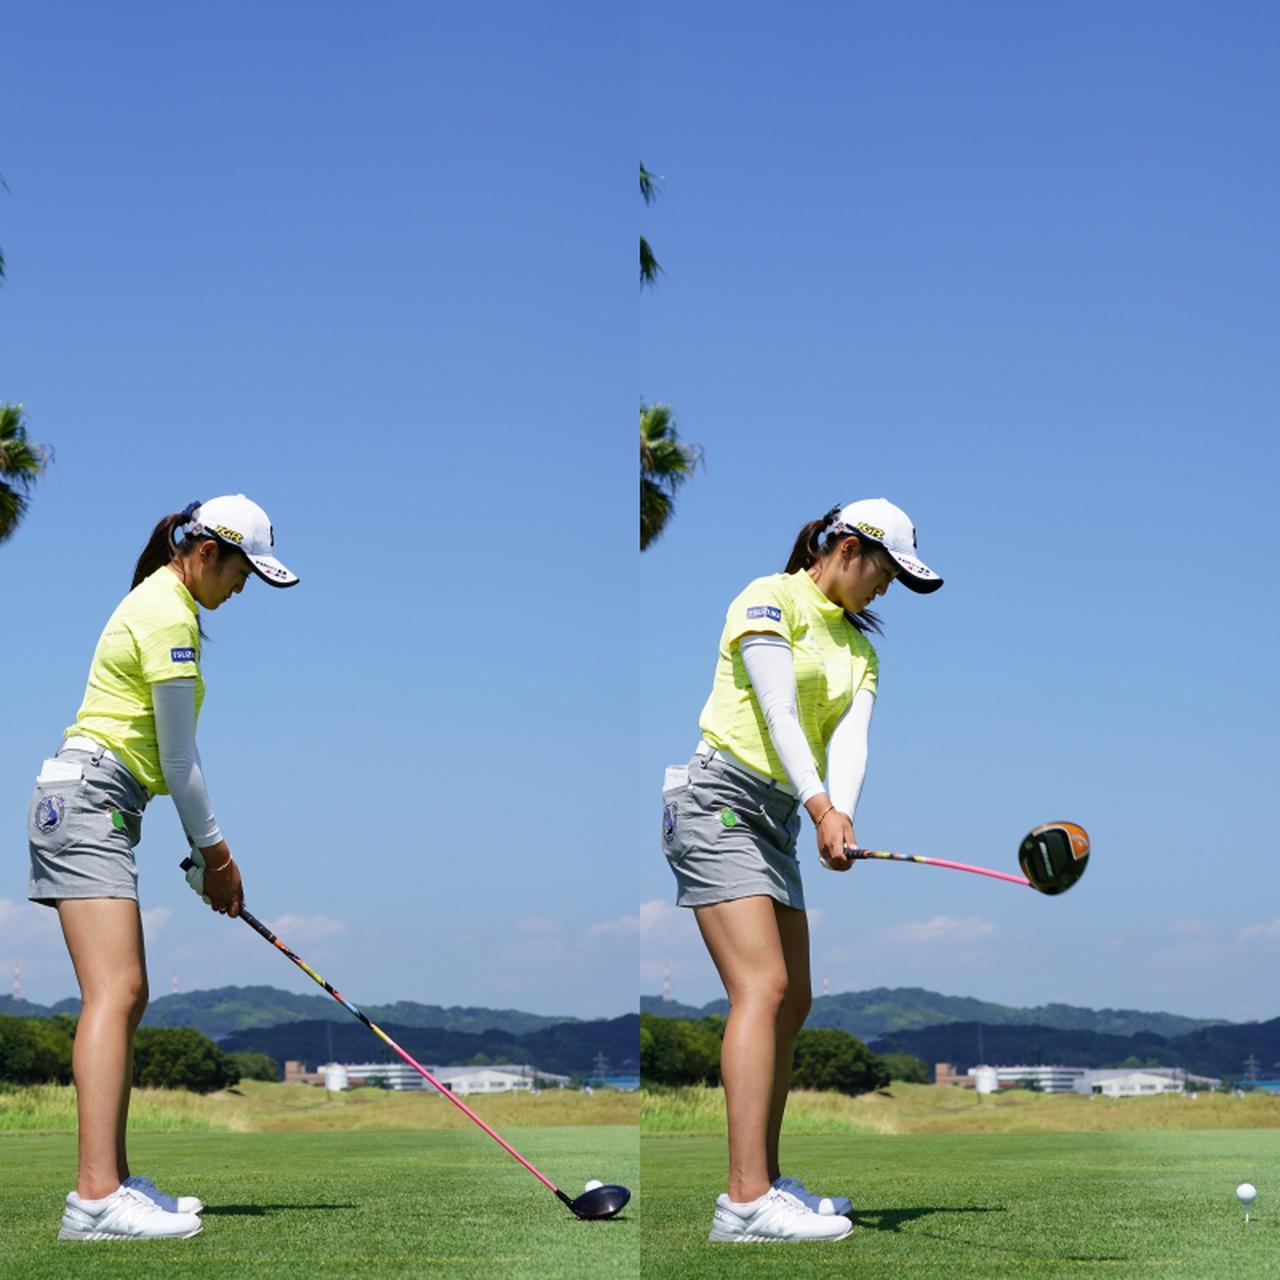 画像: 画像A:前傾角が浅くボールとの距離は離れすぎない。テークバックで両肩、手元、クラブヘッドの位置関係をキープしながら丁寧に始動する(写真は2020年日本女子プロゴルフ選手権 写真/姉崎正)